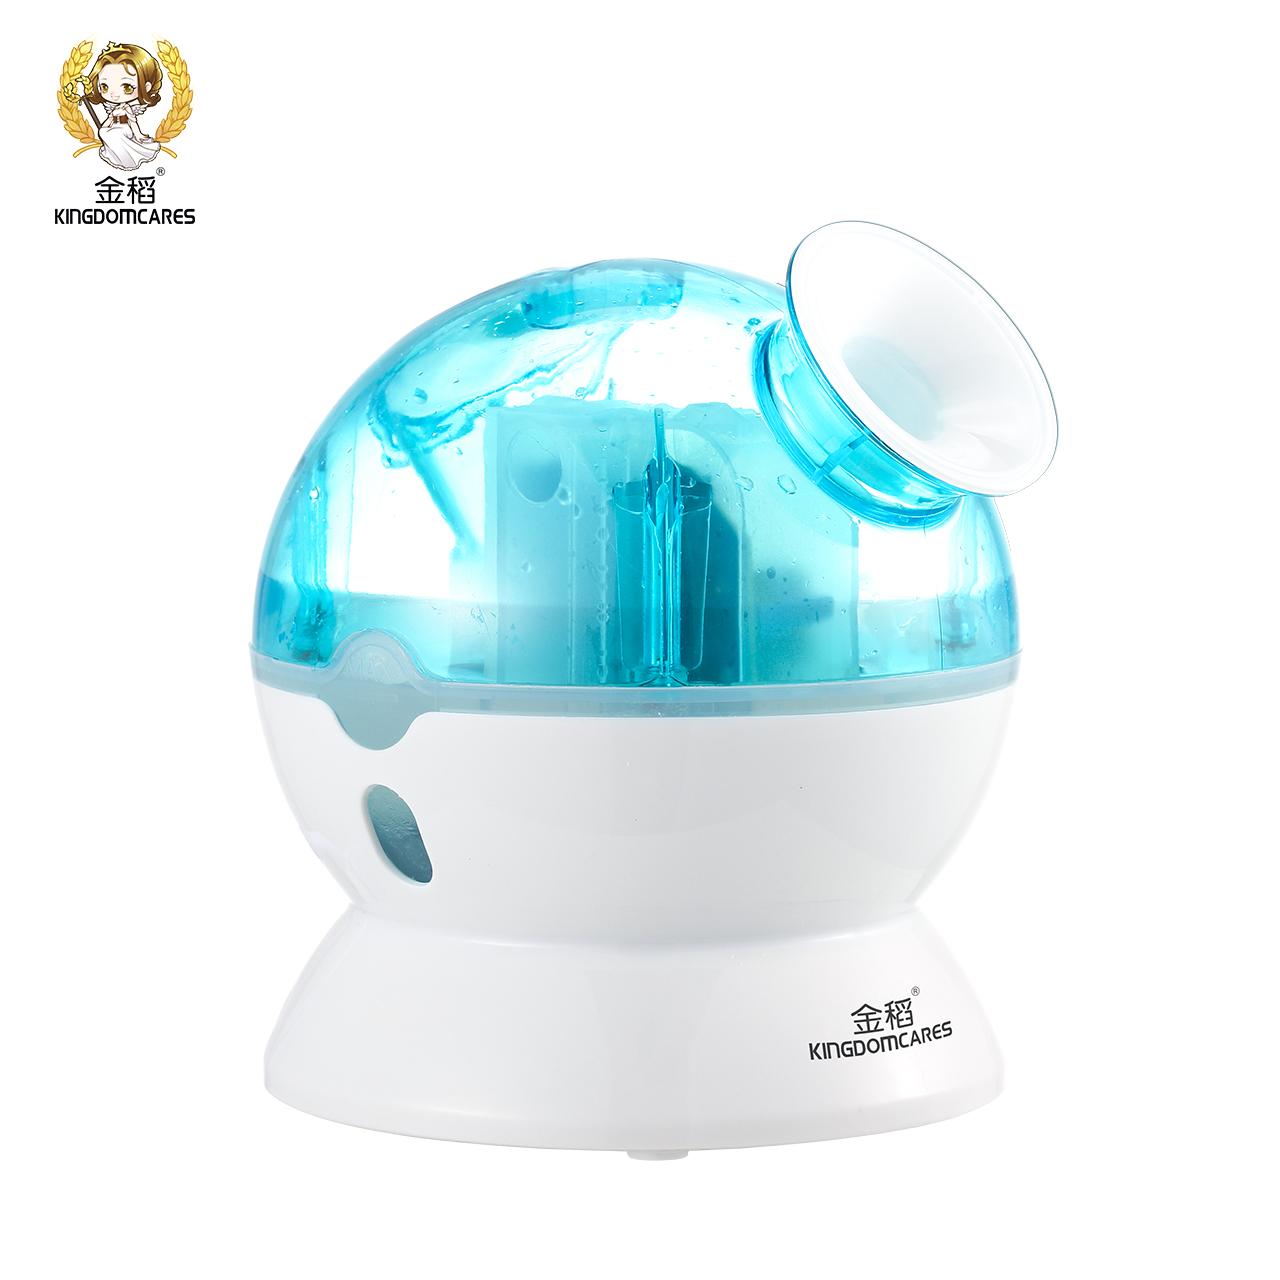 金稻加湿器纳米喷雾家用脸部冷喷机蒸脸器加湿器美容补水仪23316